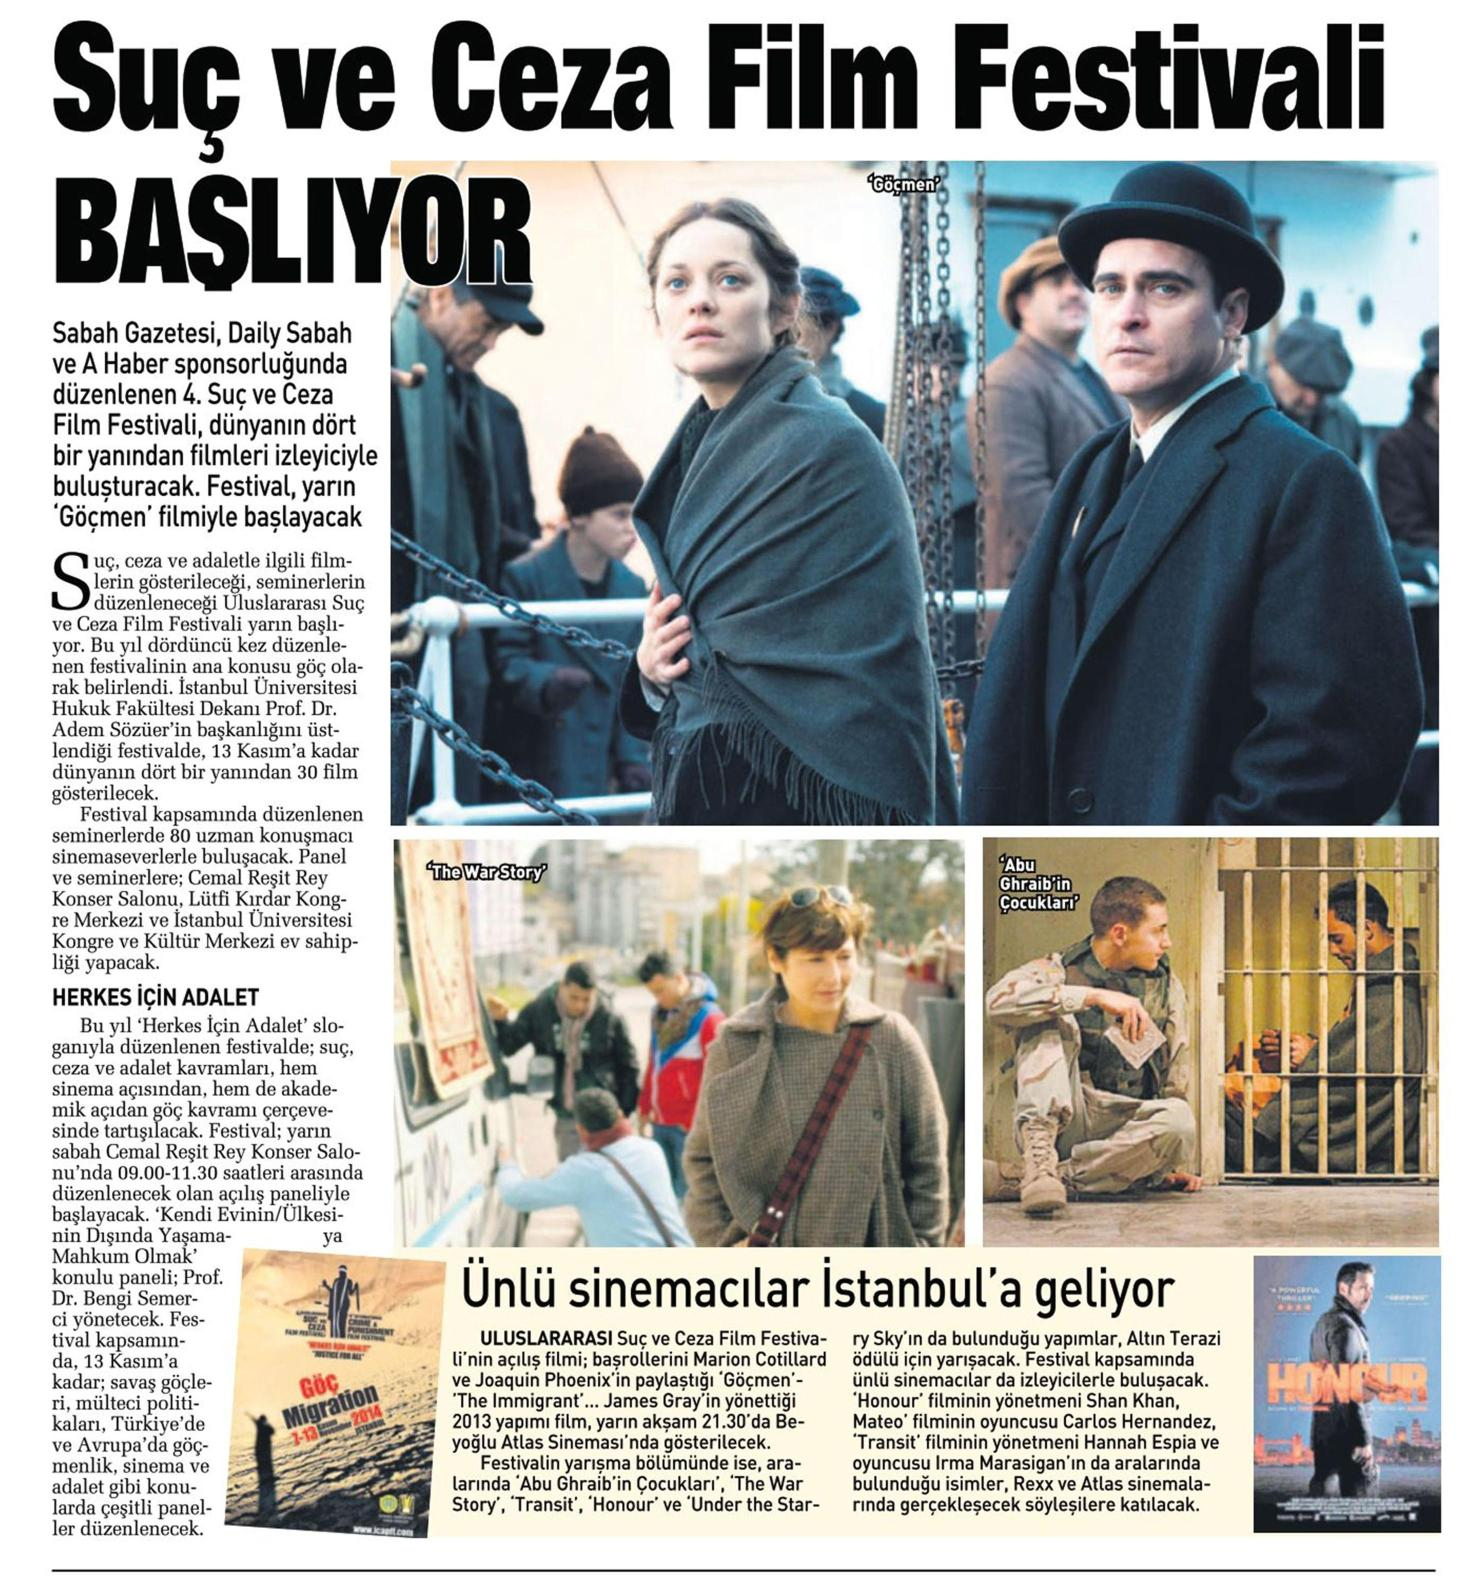 Suç ve Ceza Film Festivali başlıyor - SABAHLA GÜNAYDIN 06.11.2014